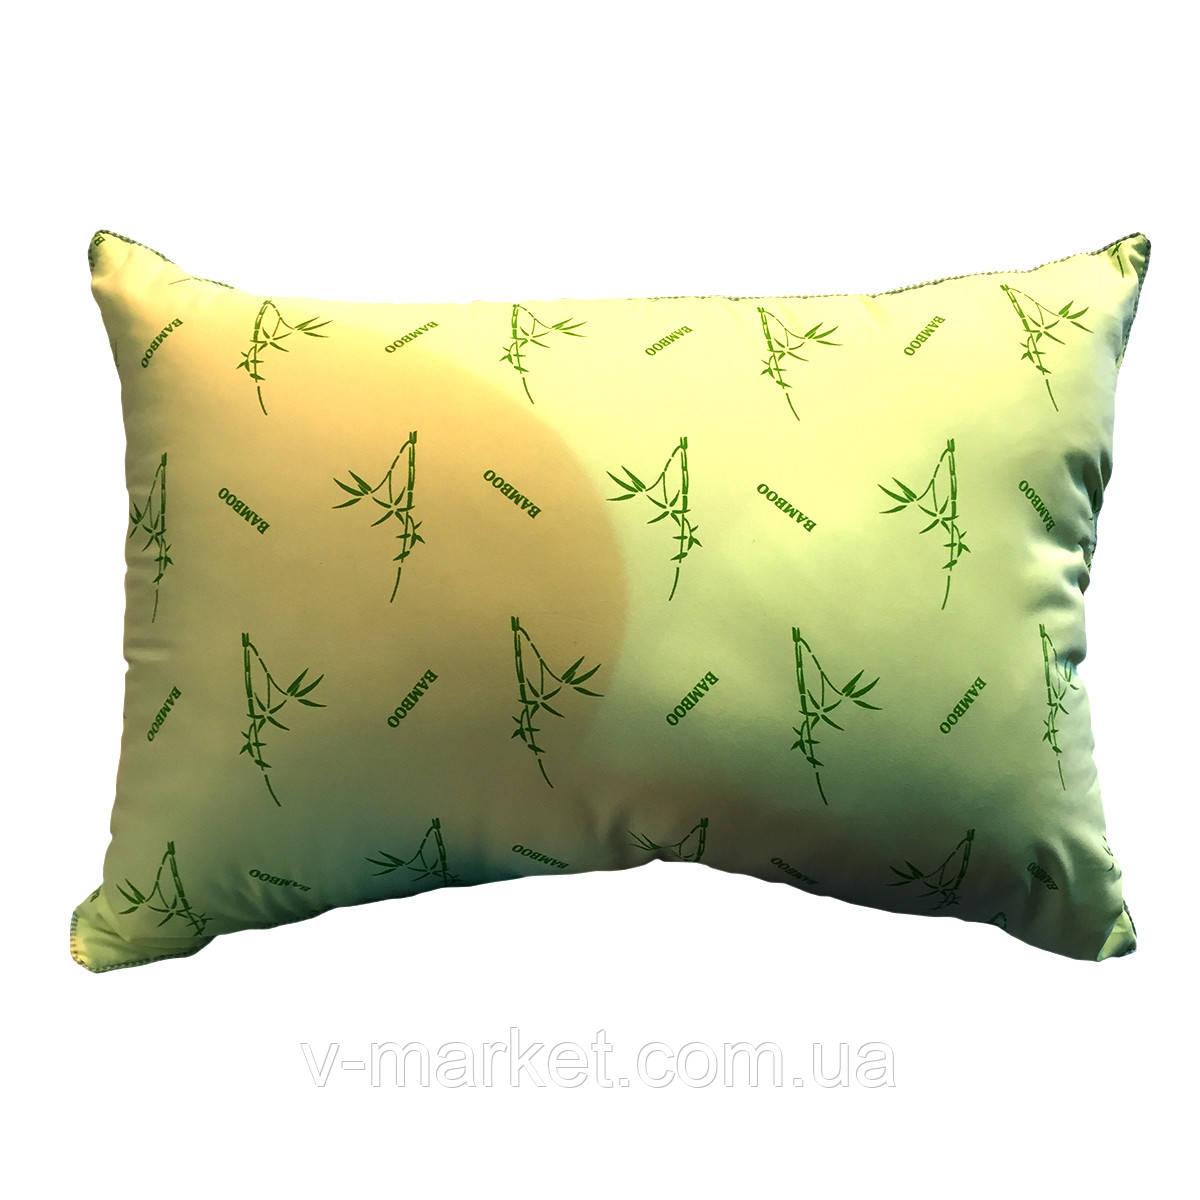 Подушка прямоугольная 50/70, бамбук, ткань фибра